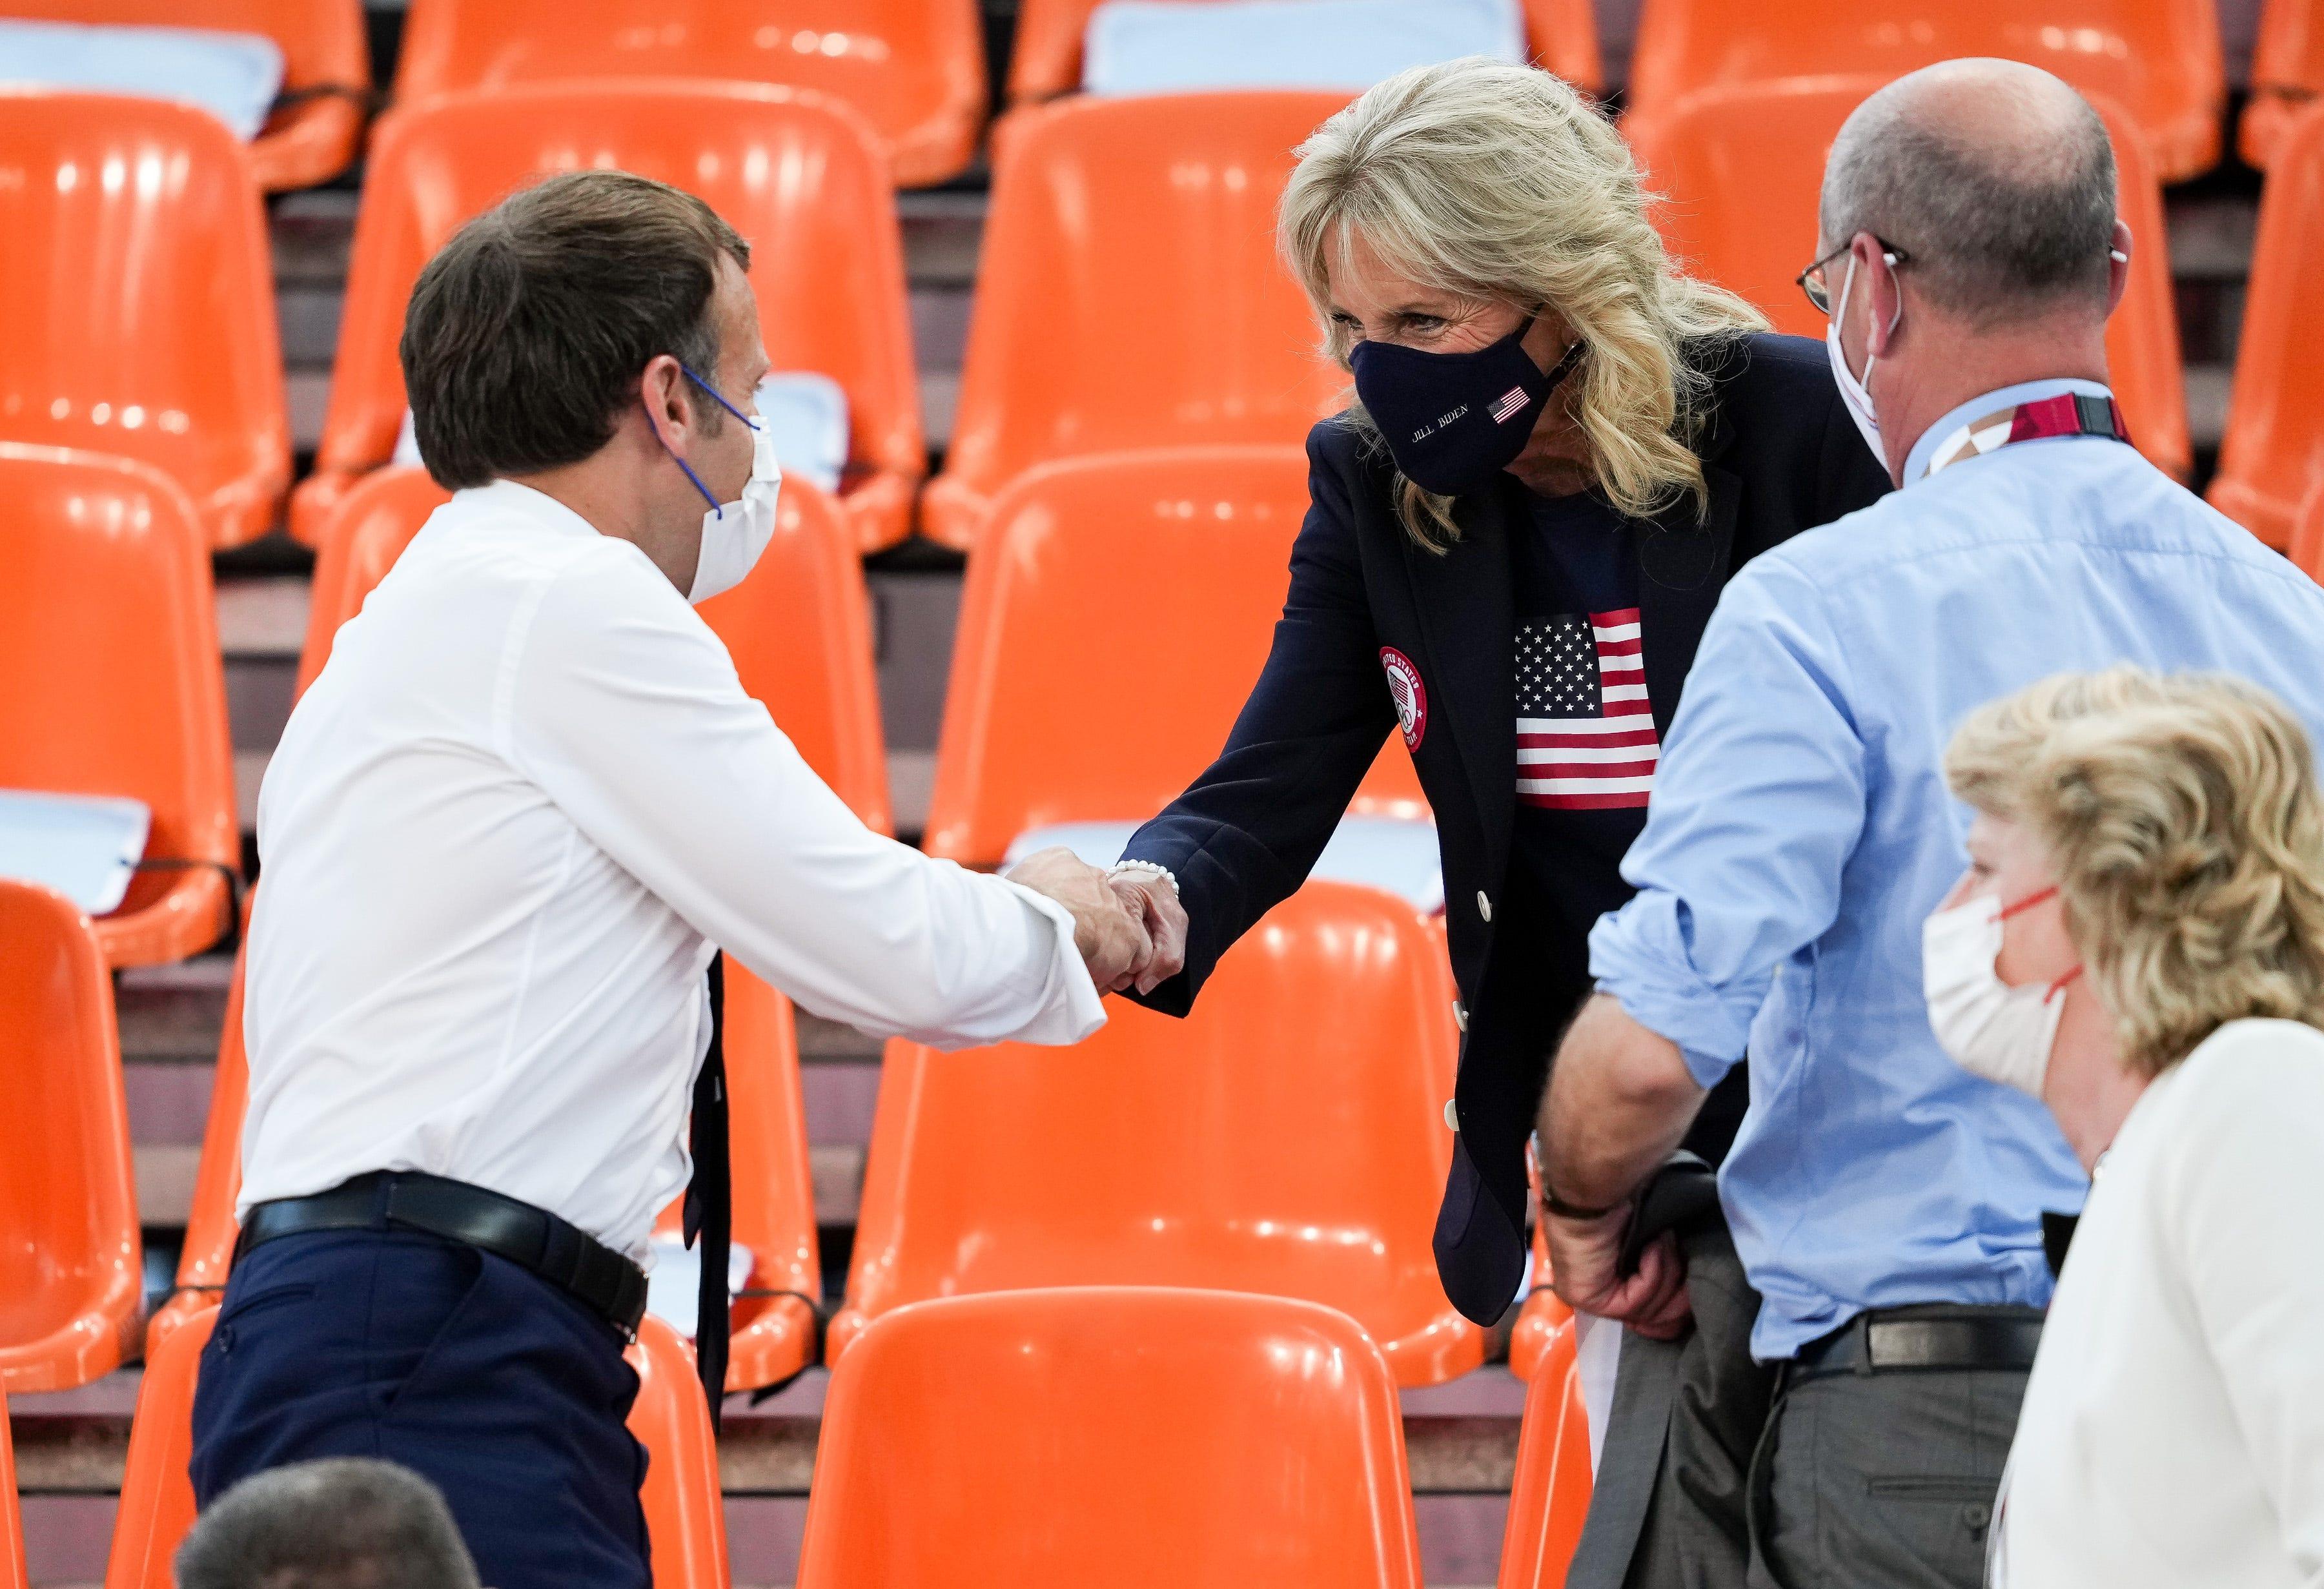 Jill Biden cheers on US women's basketball team alongside French president Emmanuel Macron